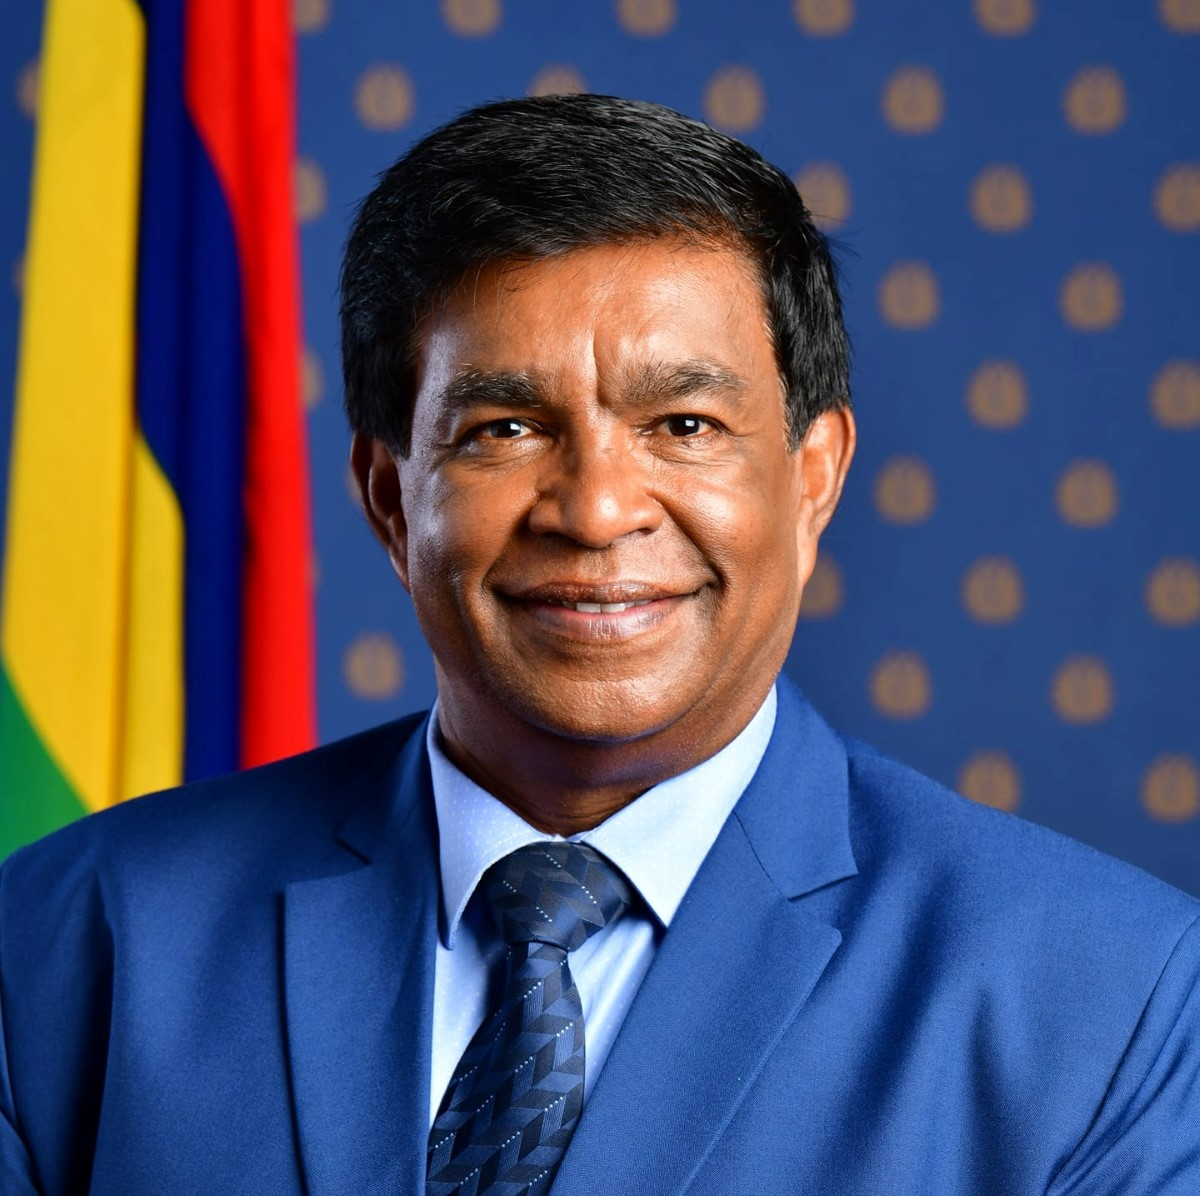 Prithvirajsing Roopun, accessoirement Président de la République de Maurice nous rappelle à son existence